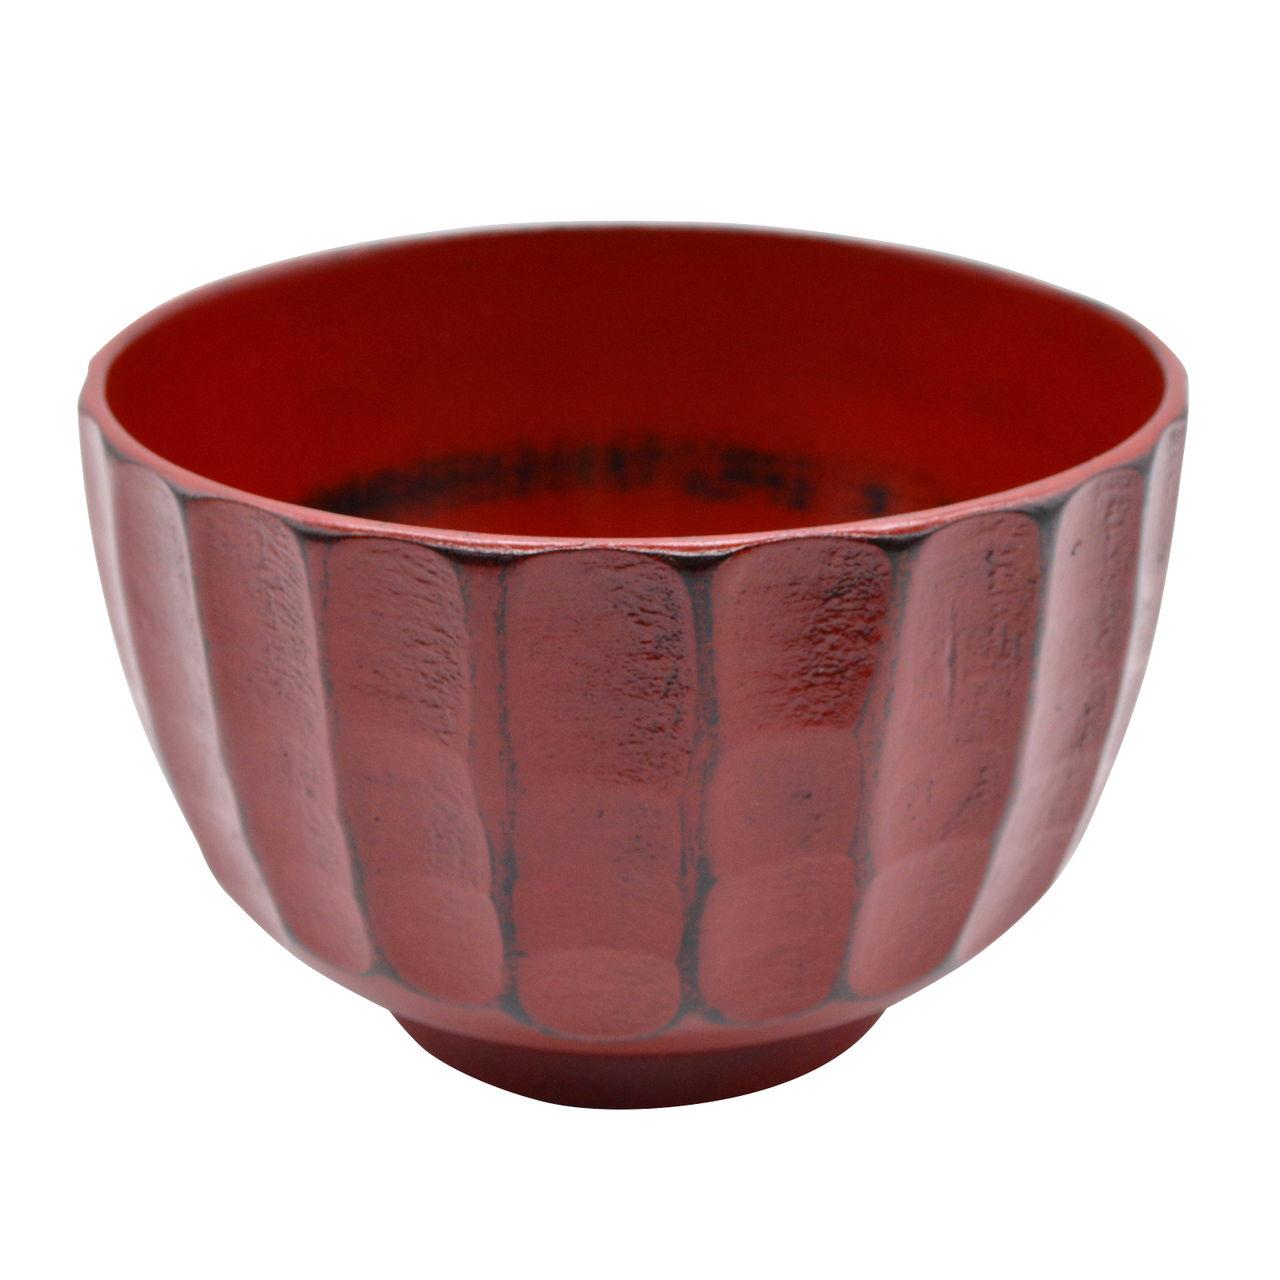 紀州漆器 角田清兵衛商店 ナノコート 食洗機可 かまくら 汁椀 大 約13cm 根来 WR-468974